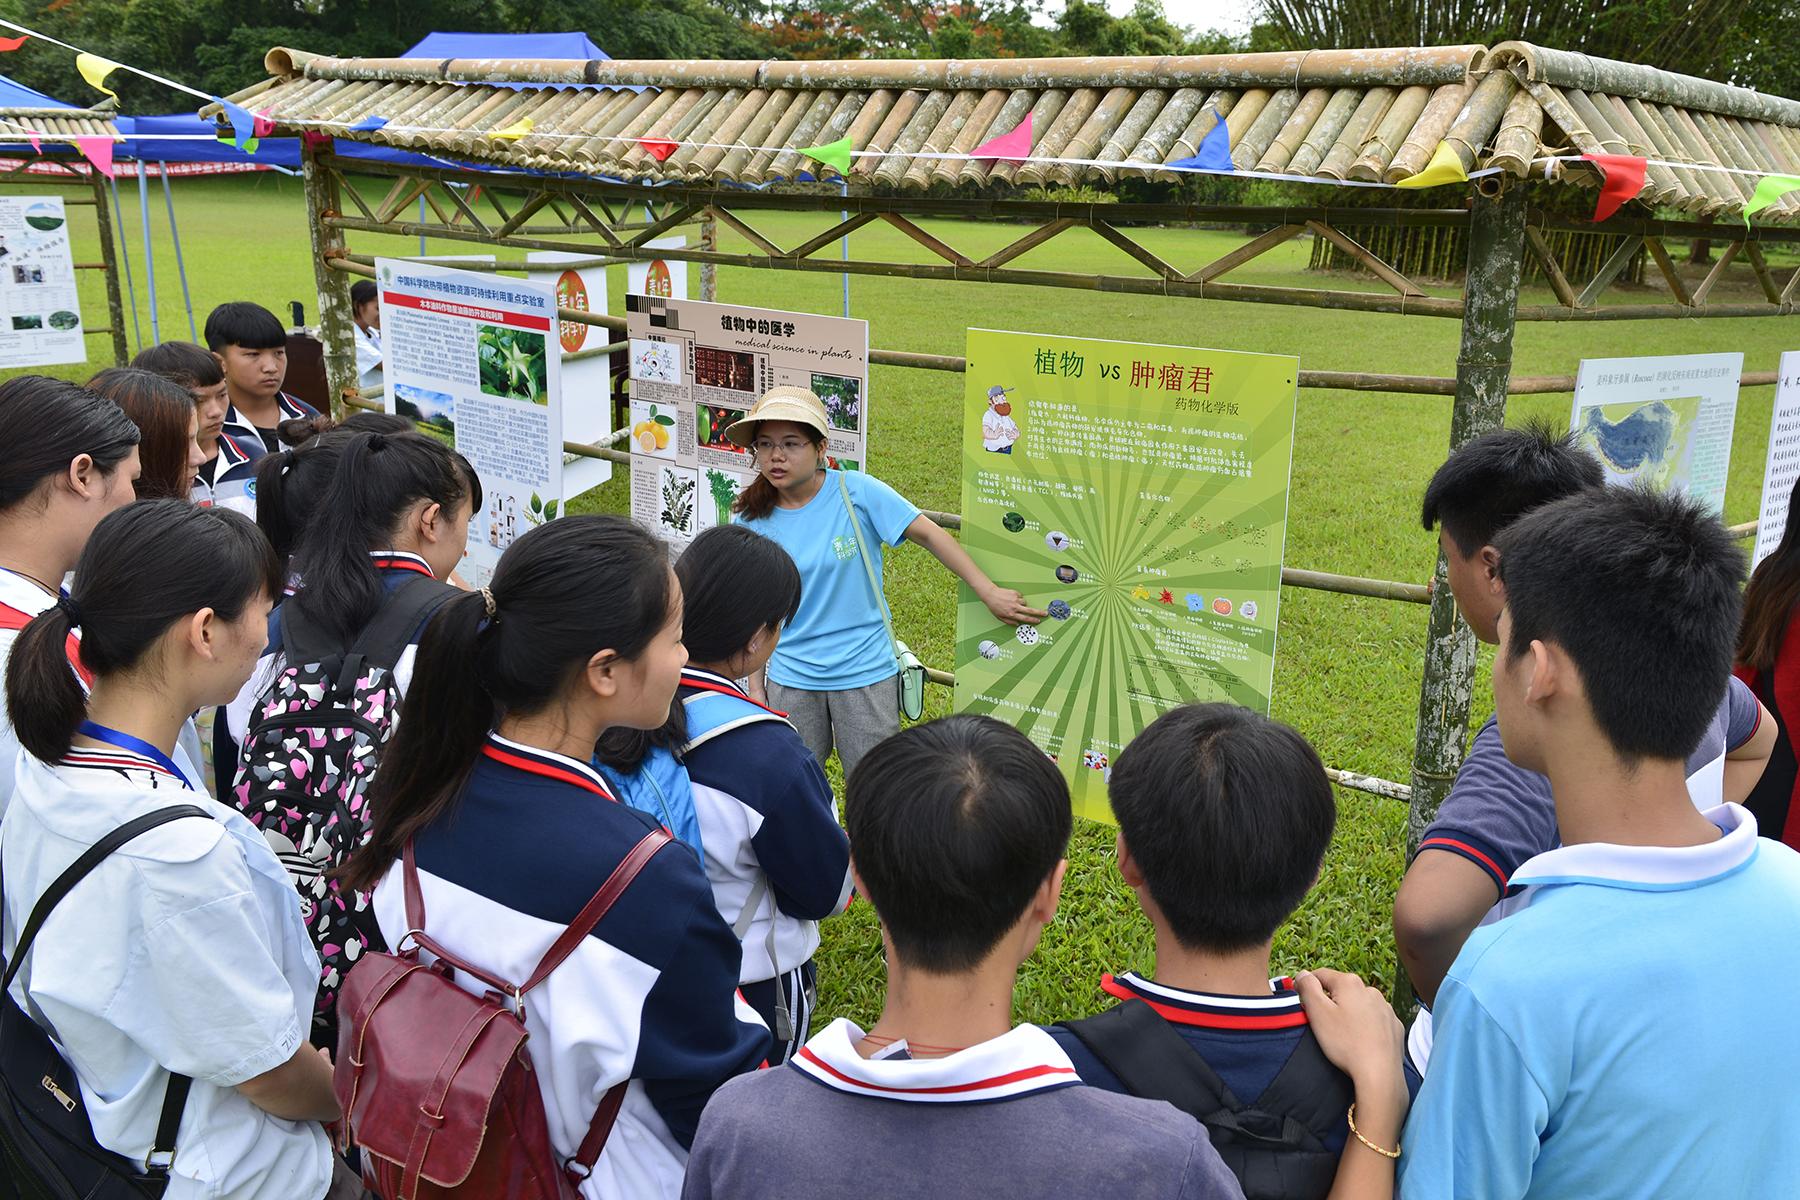 学生听研究生介绍植物药用价值